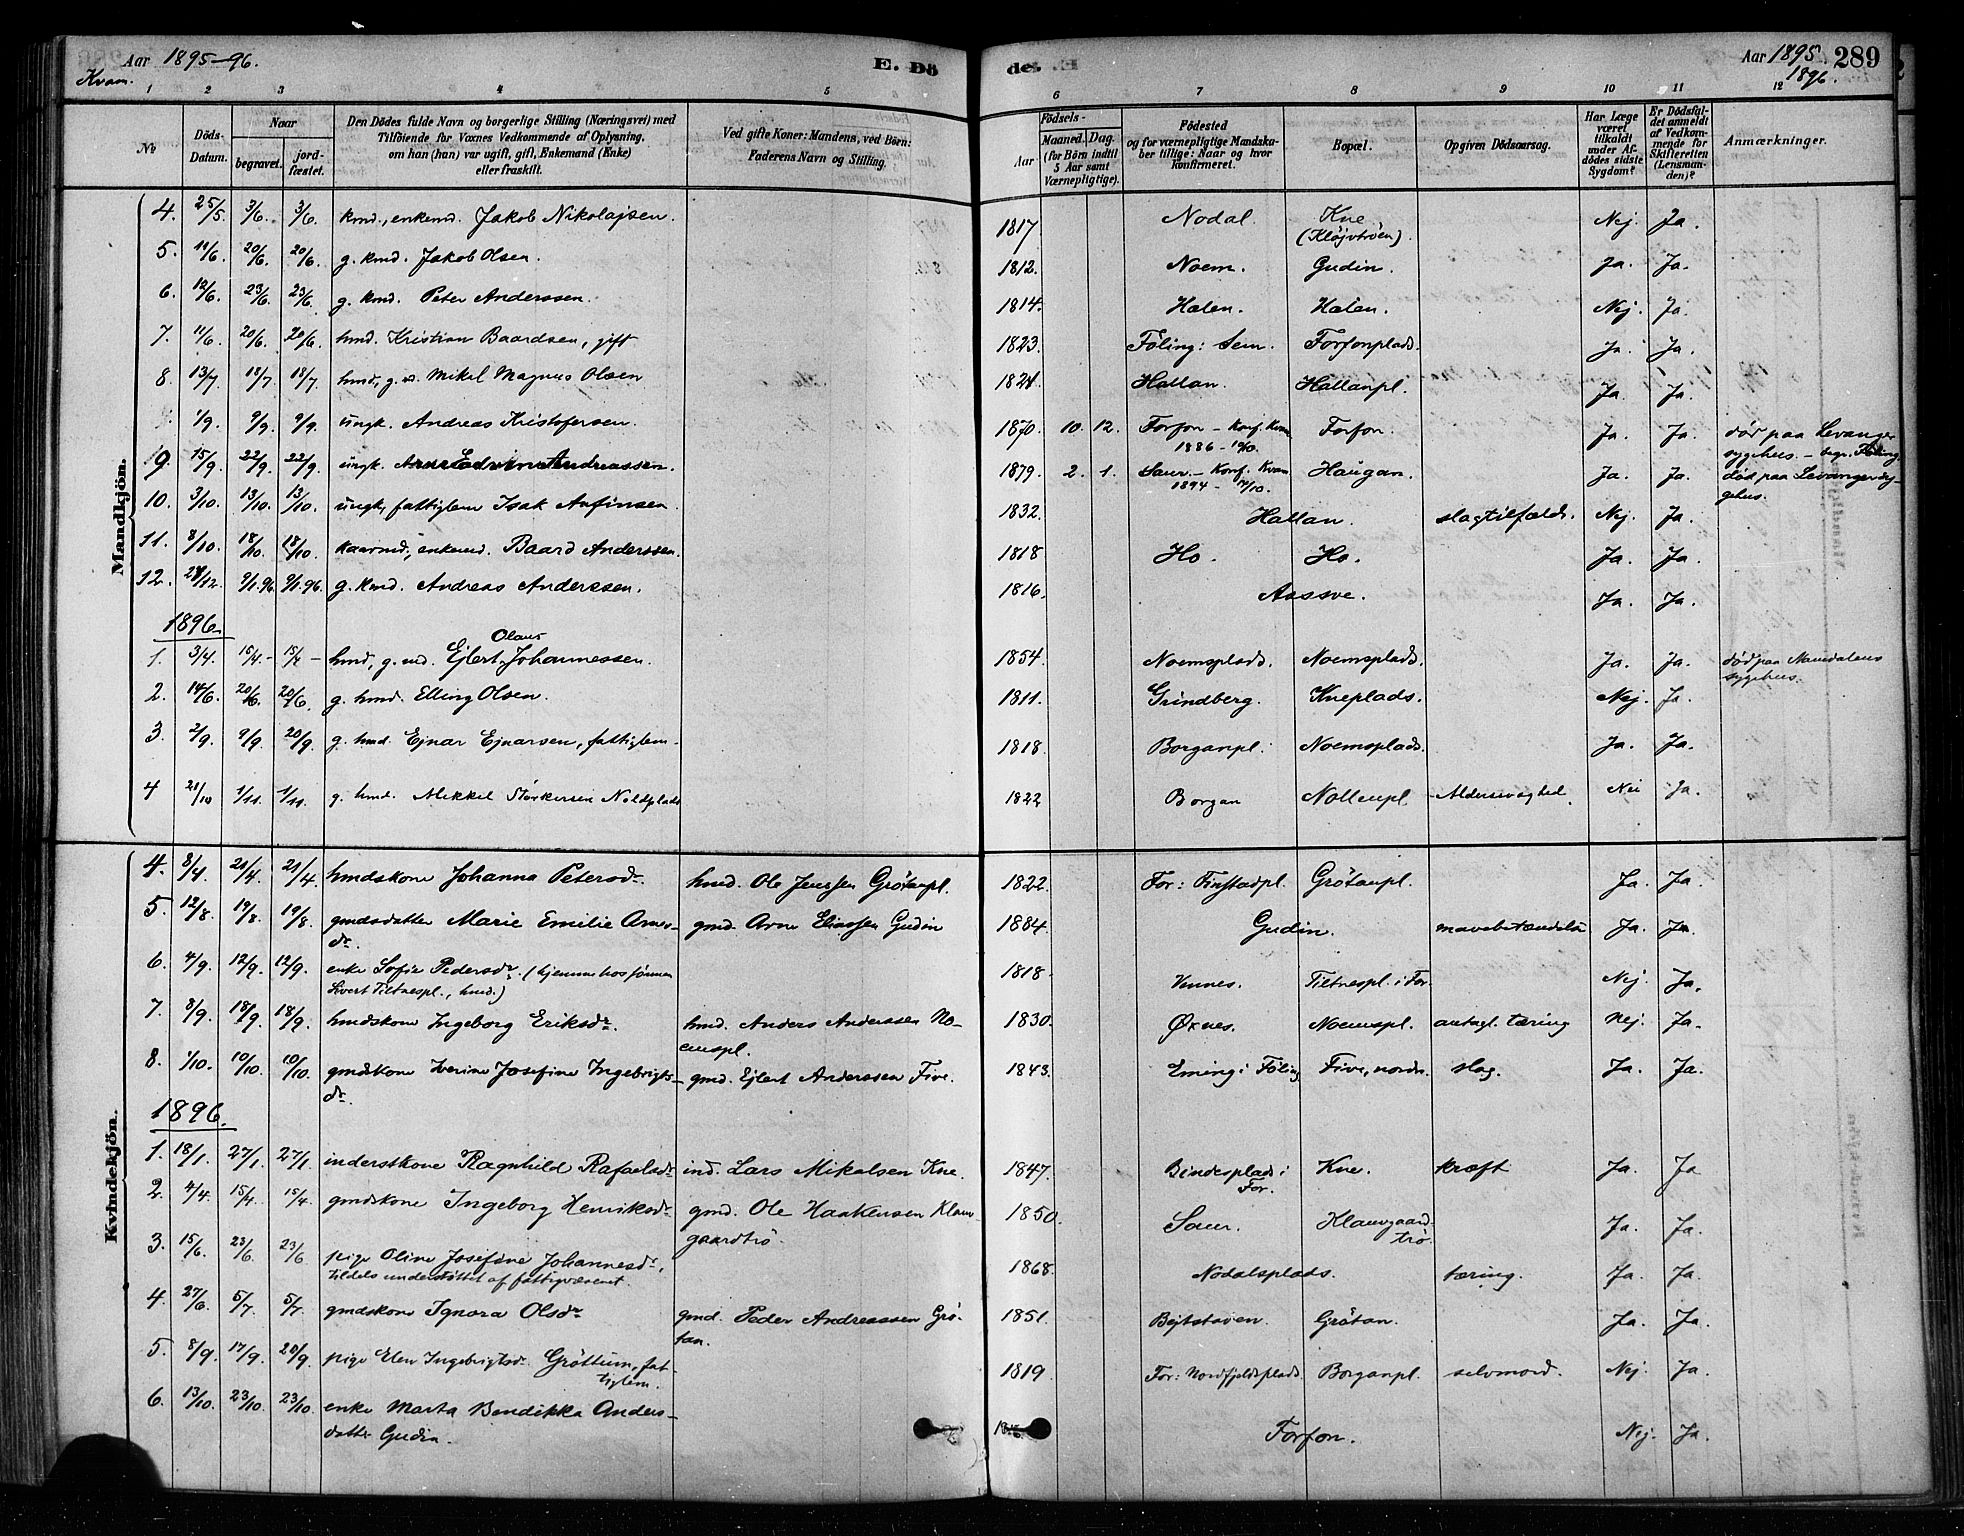 SAT, Ministerialprotokoller, klokkerbøker og fødselsregistre - Nord-Trøndelag, 746/L0449: Ministerialbok nr. 746A07 /2, 1878-1899, s. 289